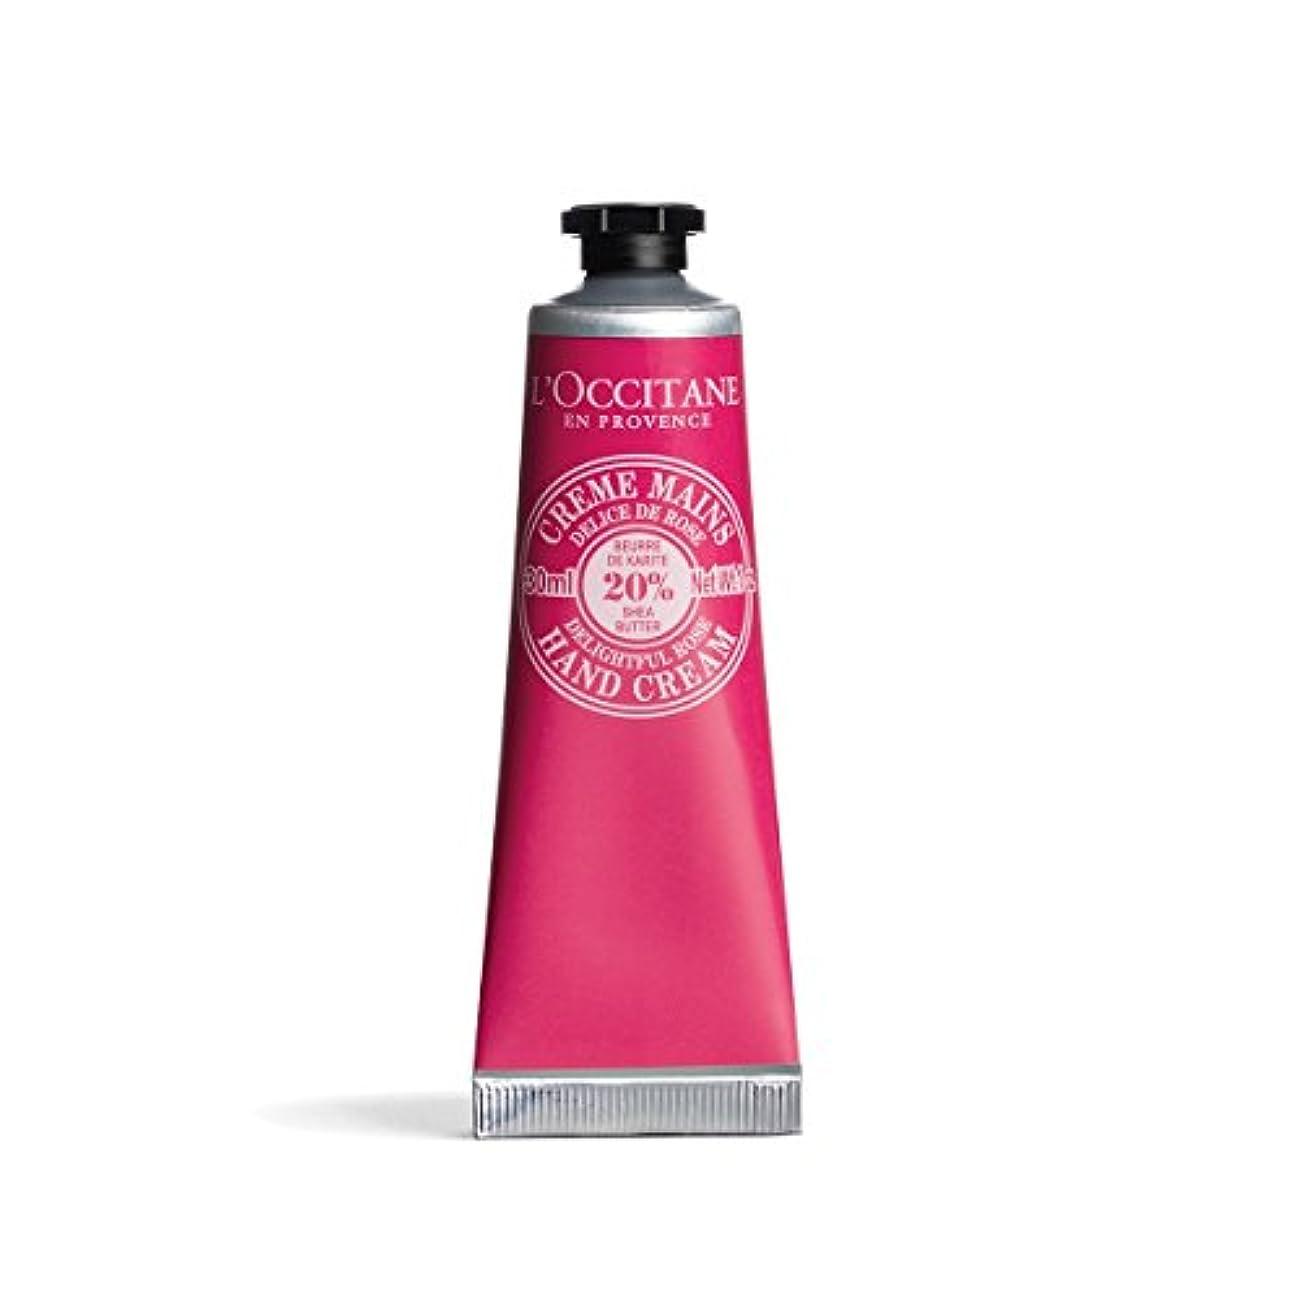 キウイ動機刺繍ロクシタン(L'OCCITANE) シア ハンドクリーム(ディライトフルローズ) 30ml